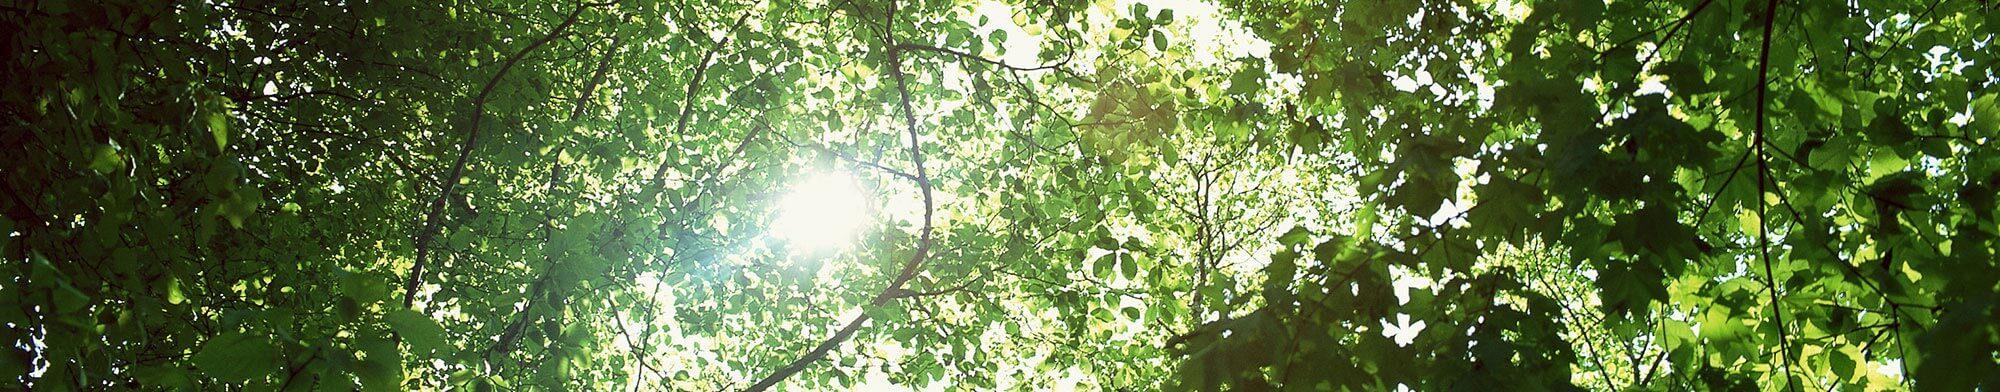 木々のイメージ